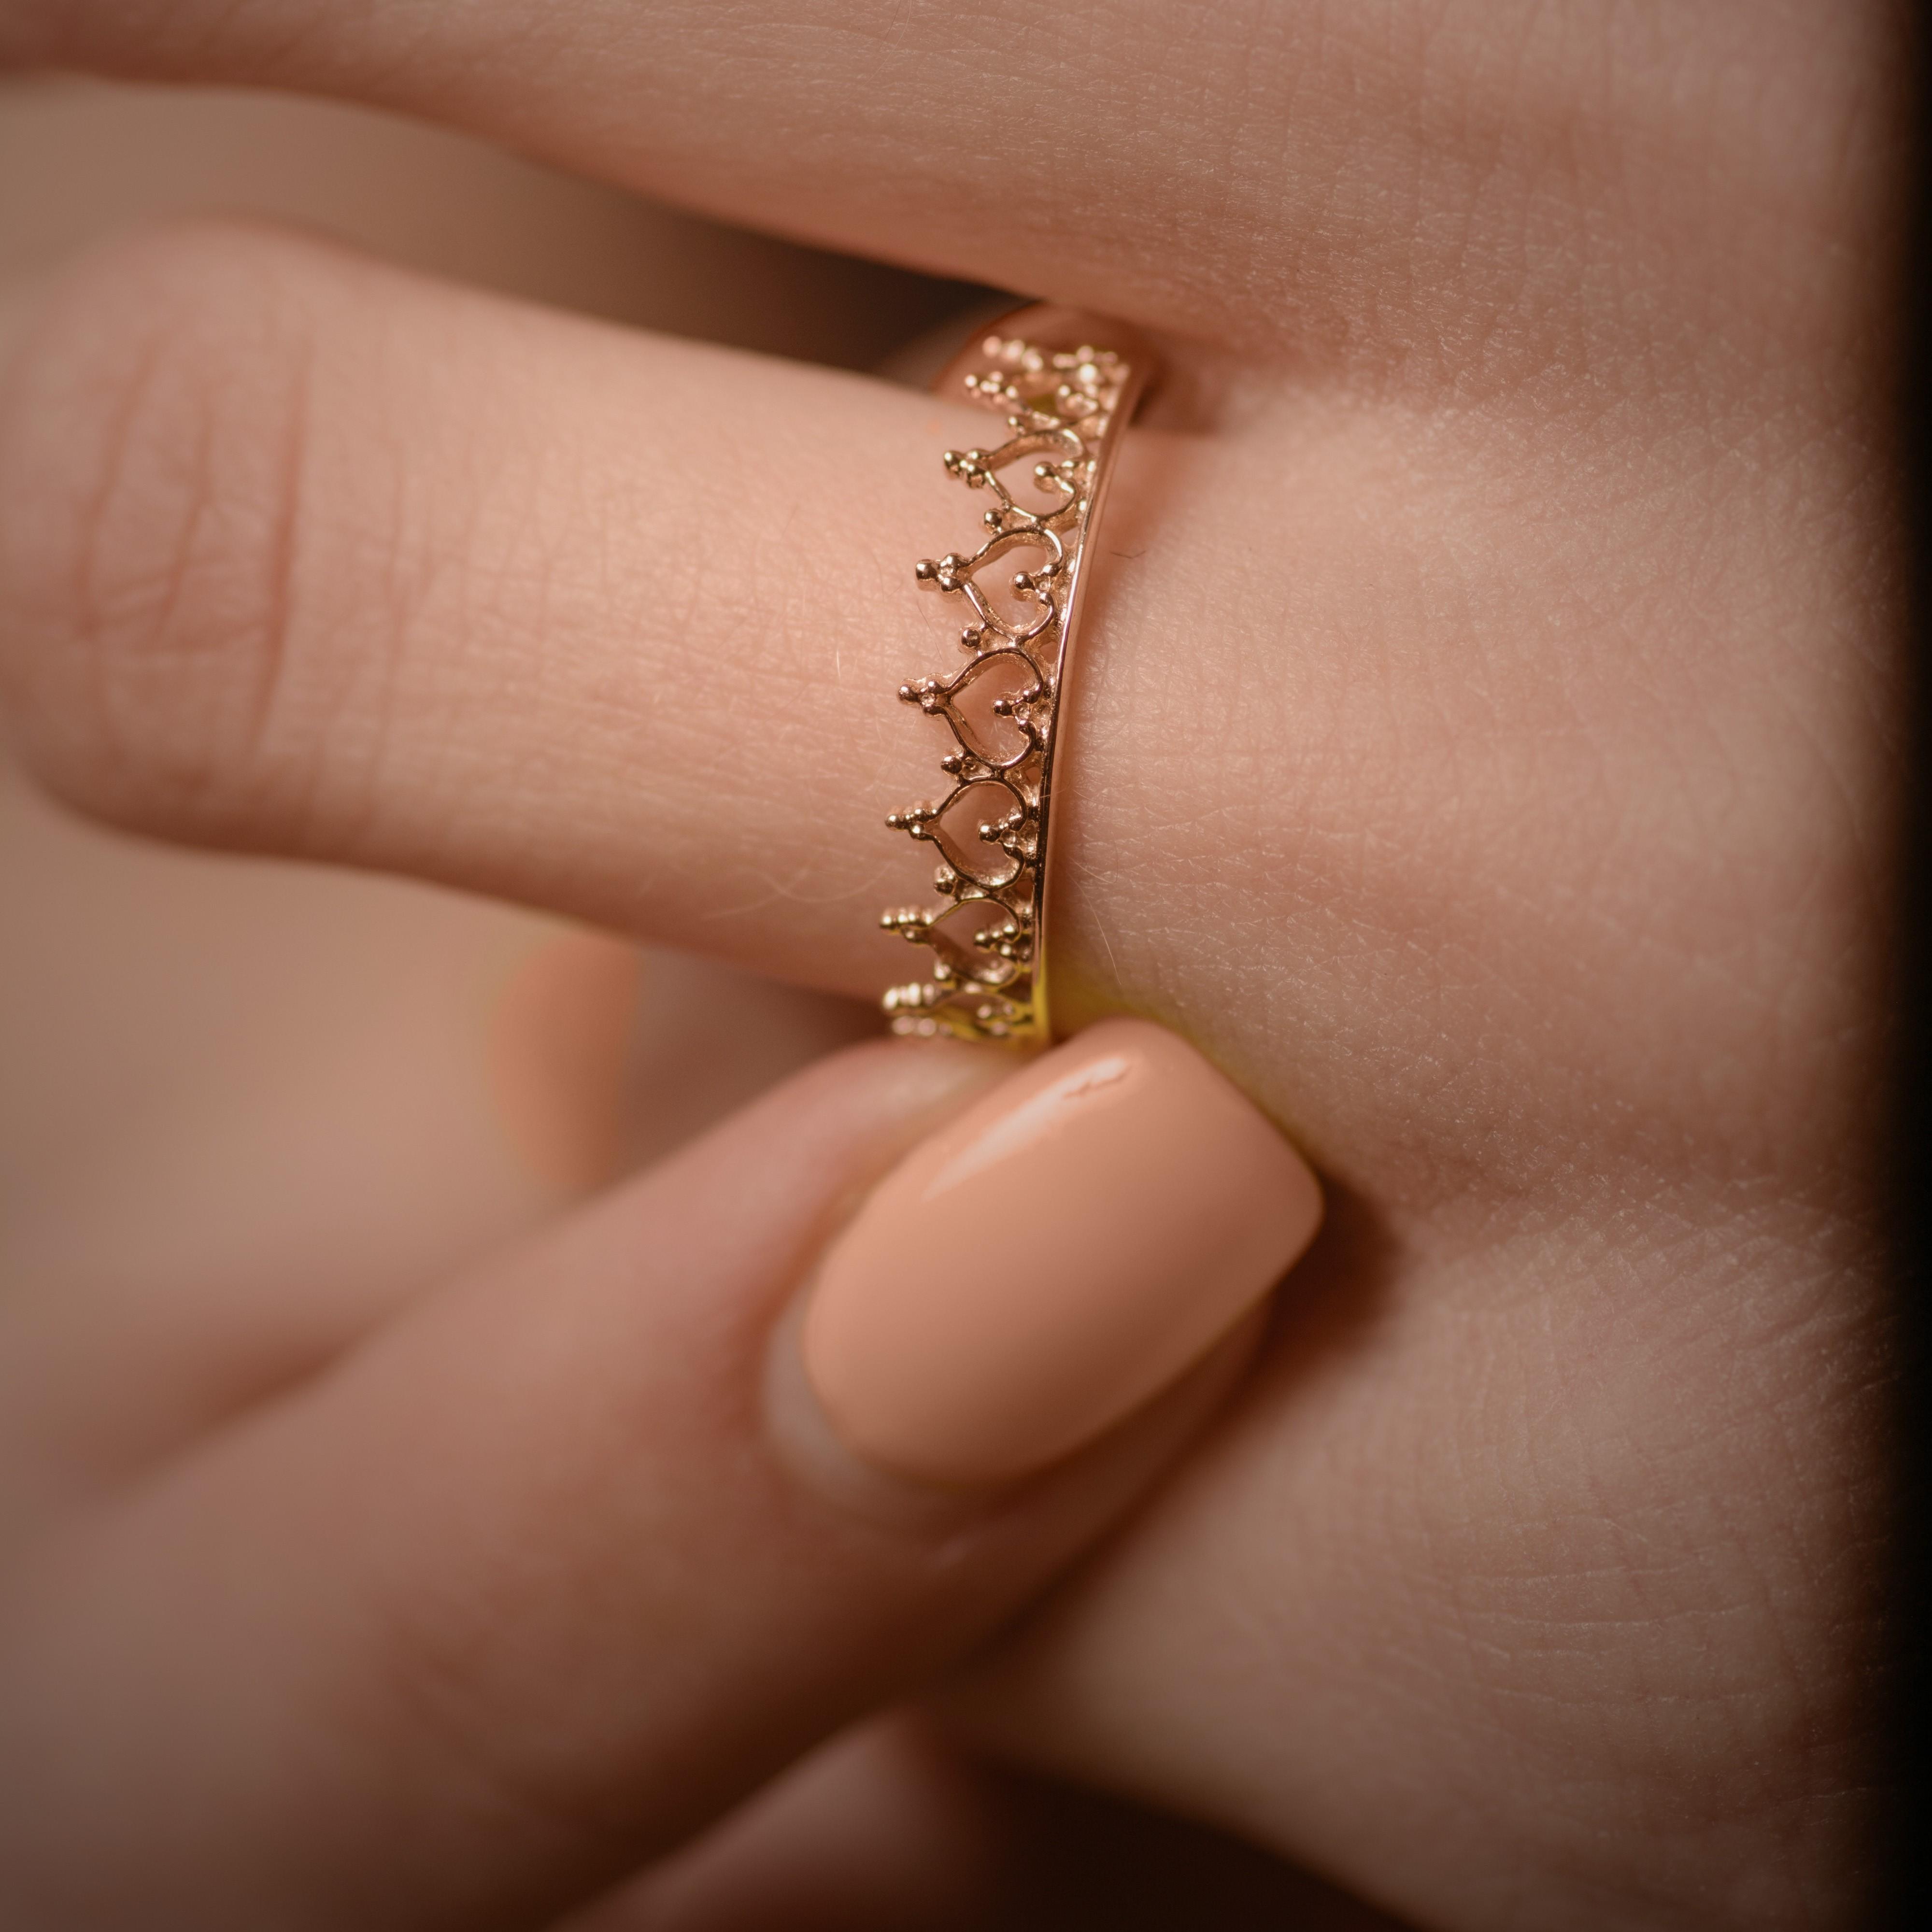 Оптовые цены на золотое кольцо Корона